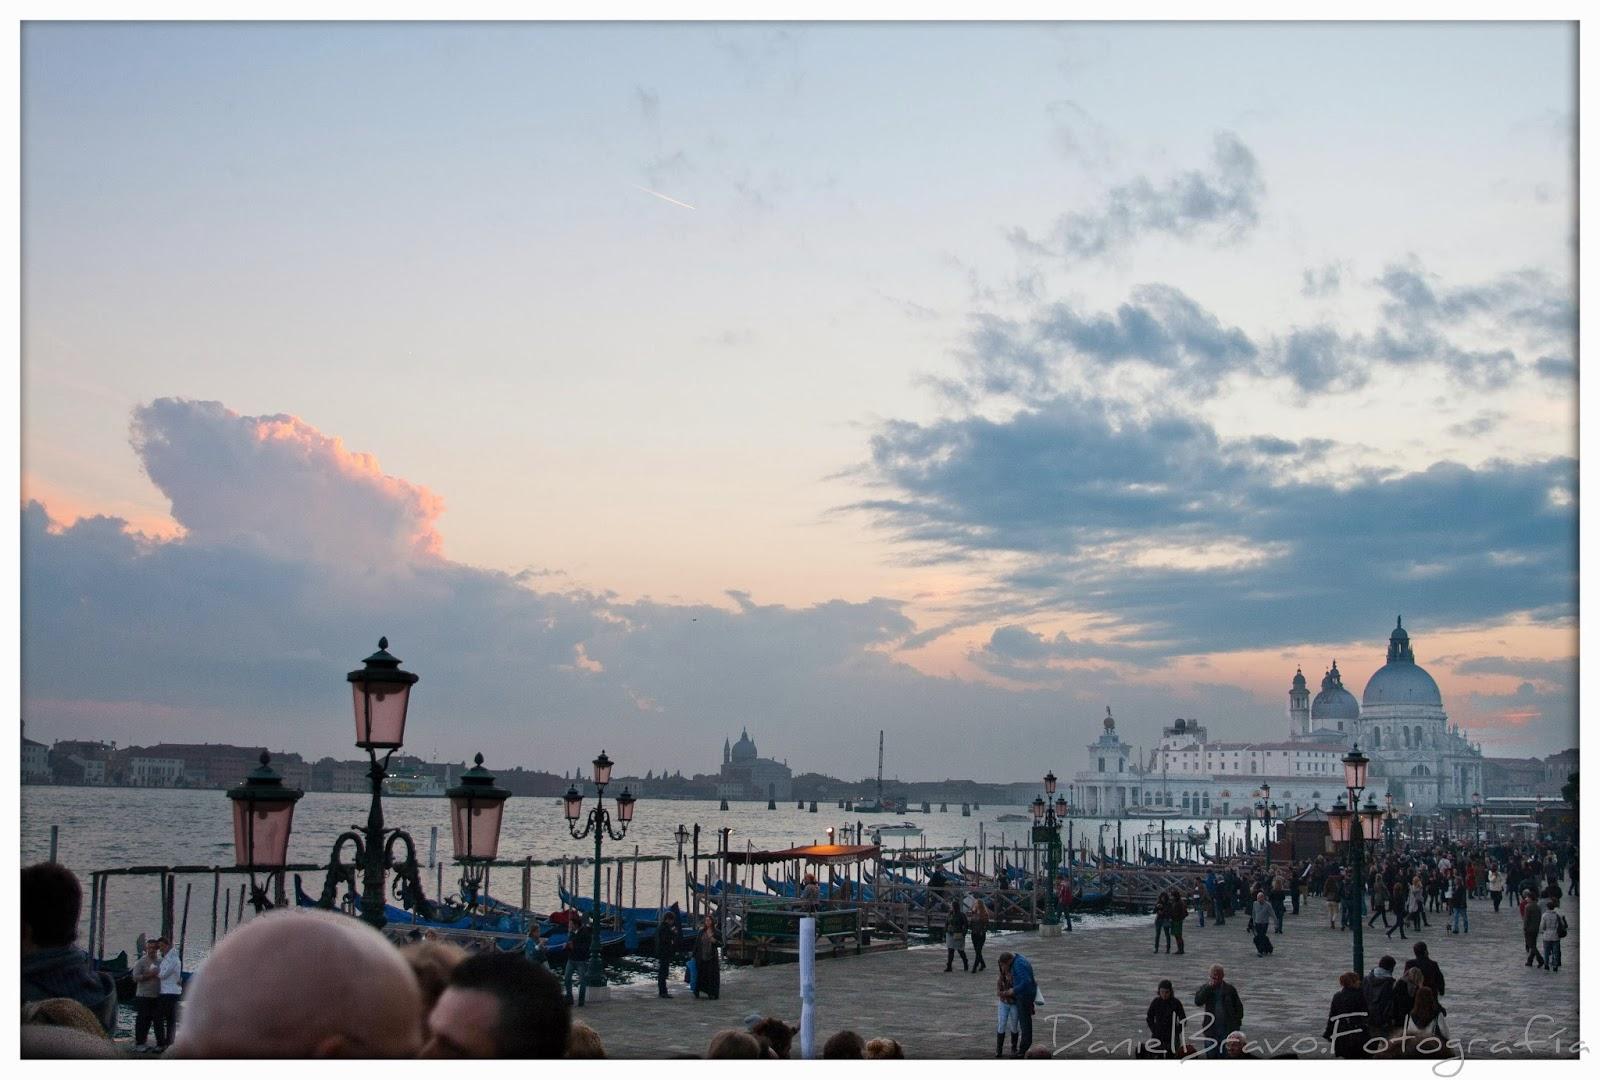 Vista del Gran Canal de Venecia al atardecer con gente paseando.